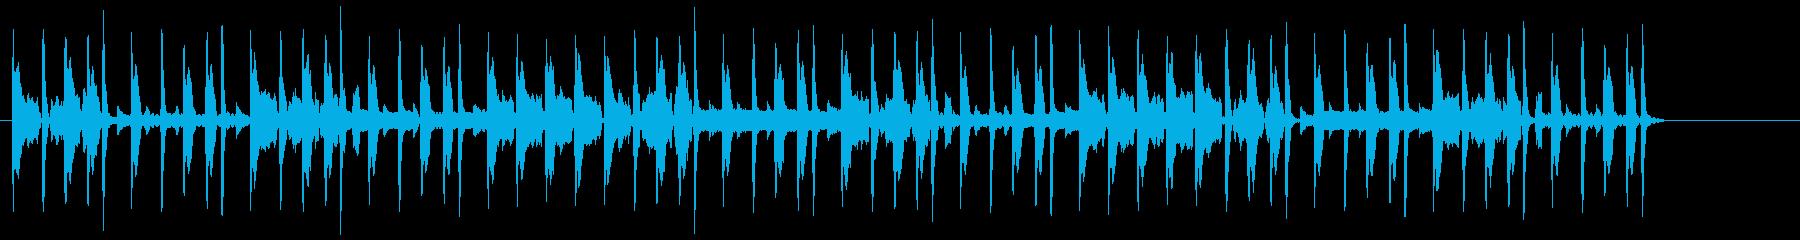 FAXIN '1 FAX SFX ...の再生済みの波形